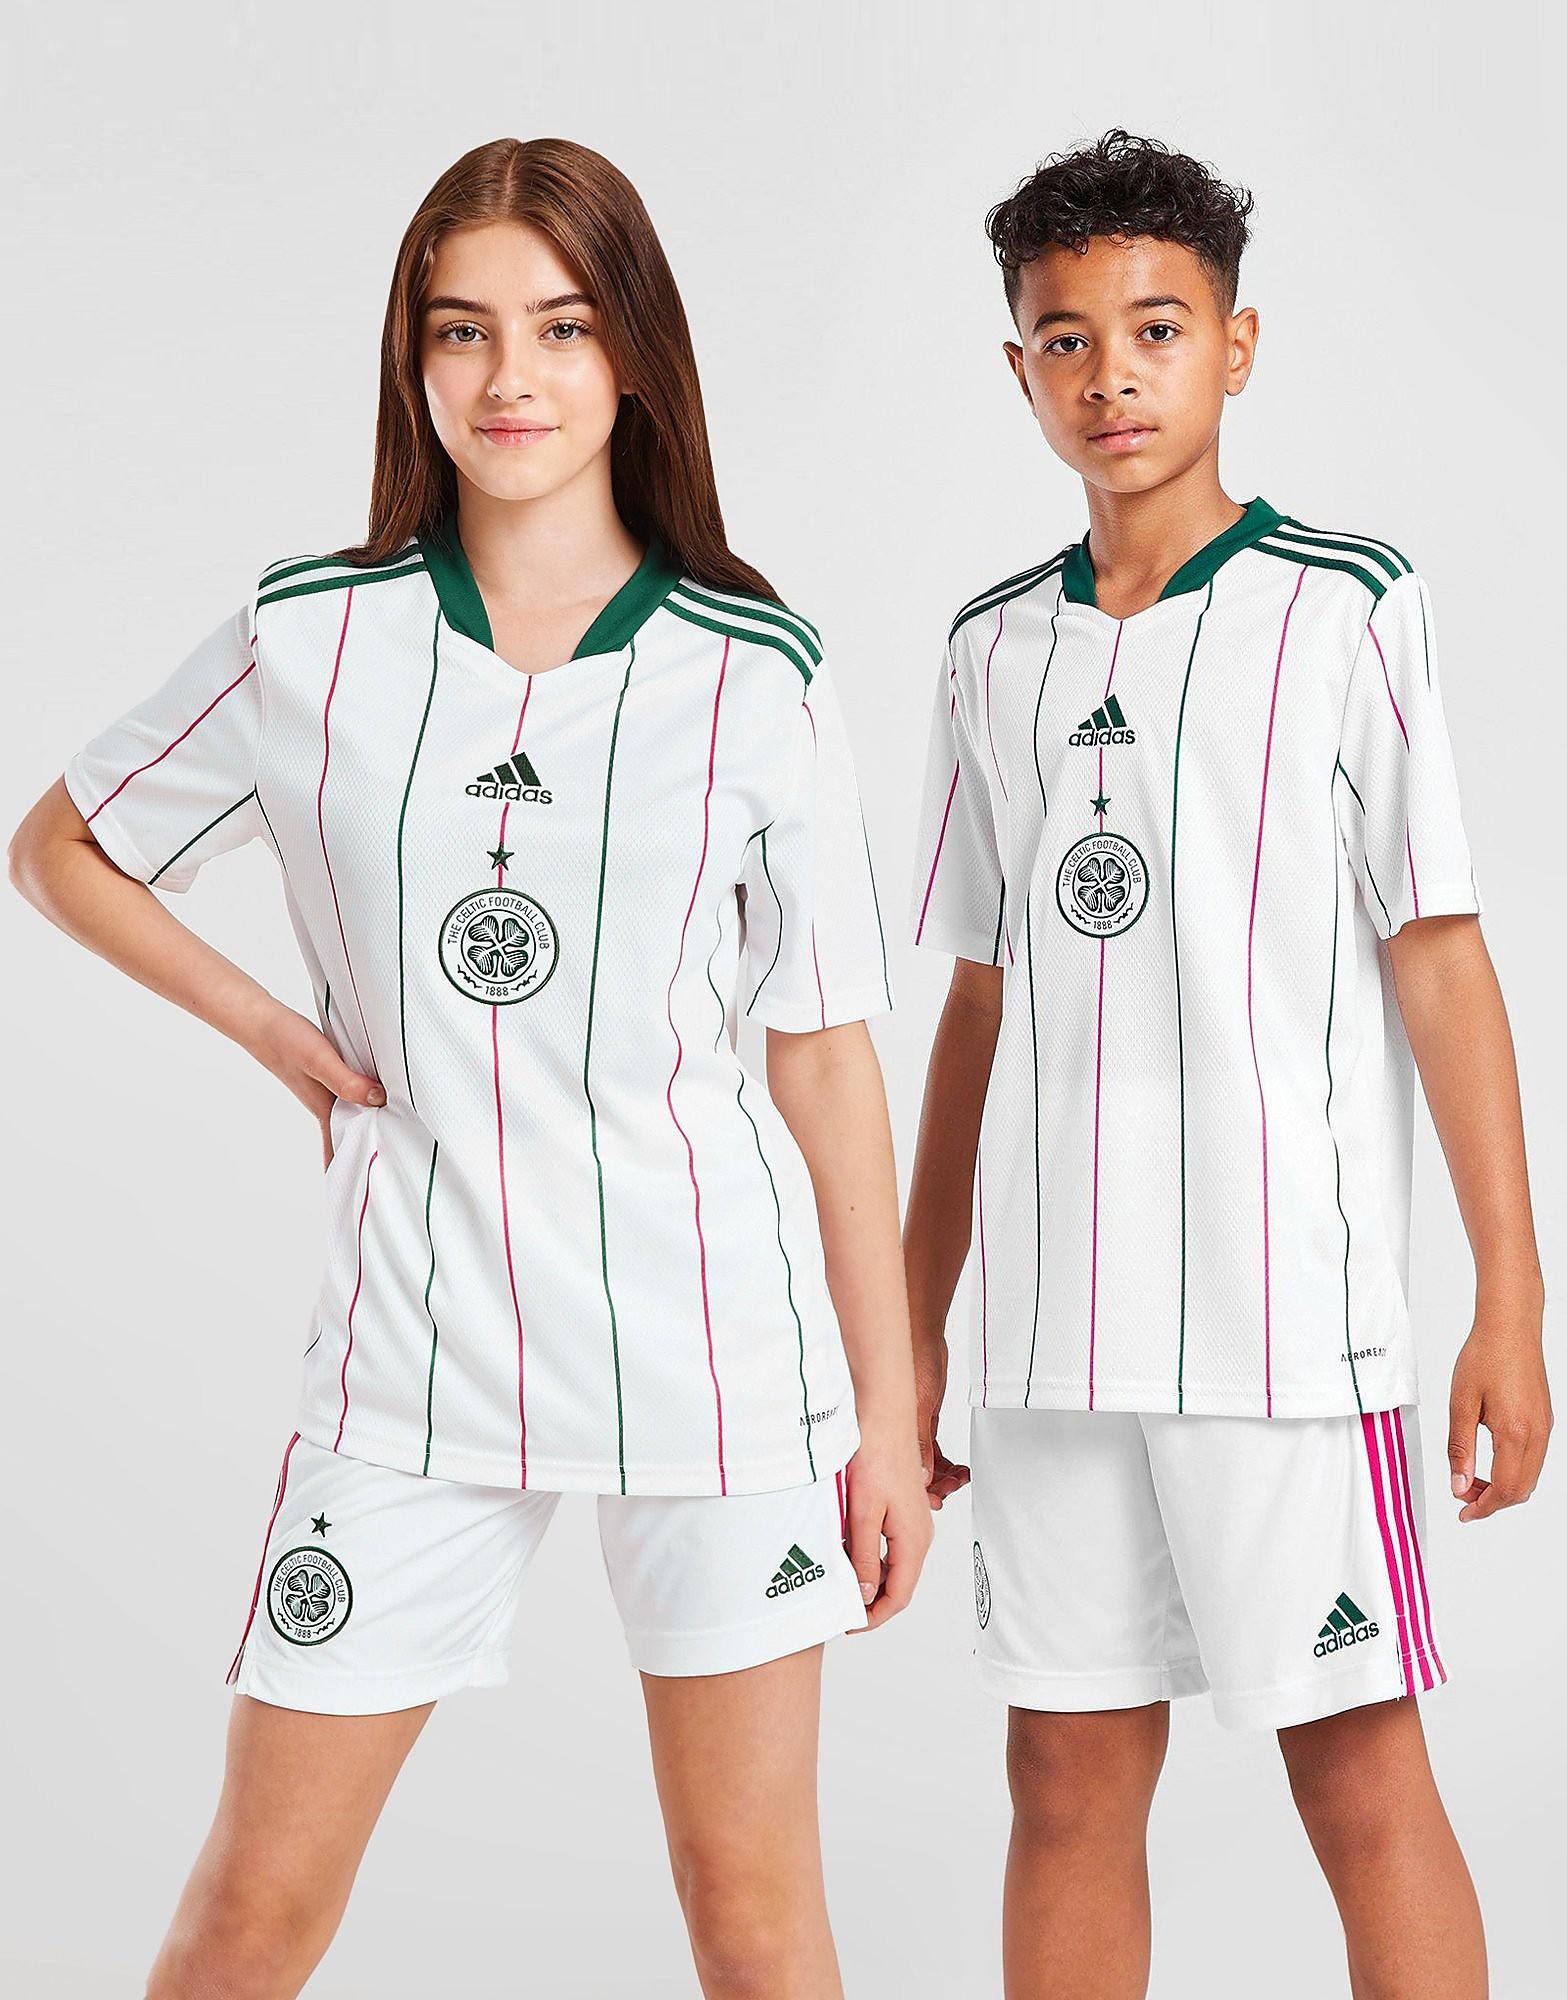 adidas Celtic FC 2021/22 Tredjetröja Junior FÖRBESTÄLLNING, Vit